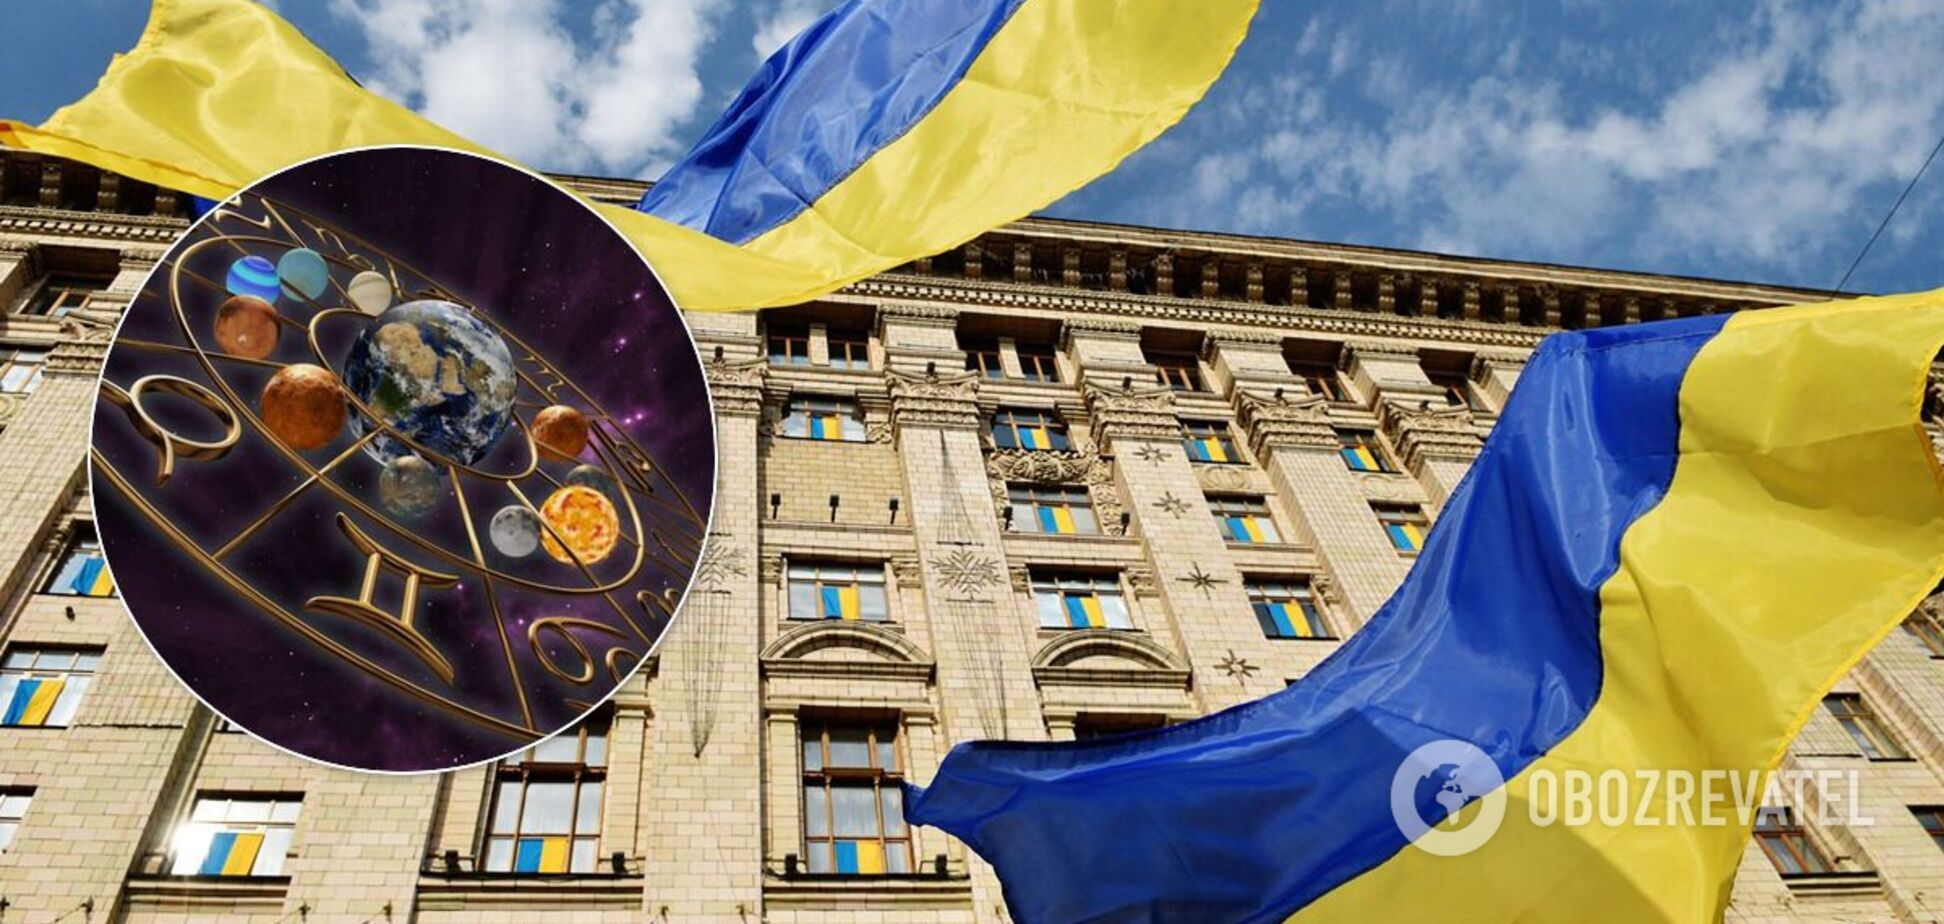 Україну можуть чекати гучні відставки політиків: таролог дала прогноз на тиждень